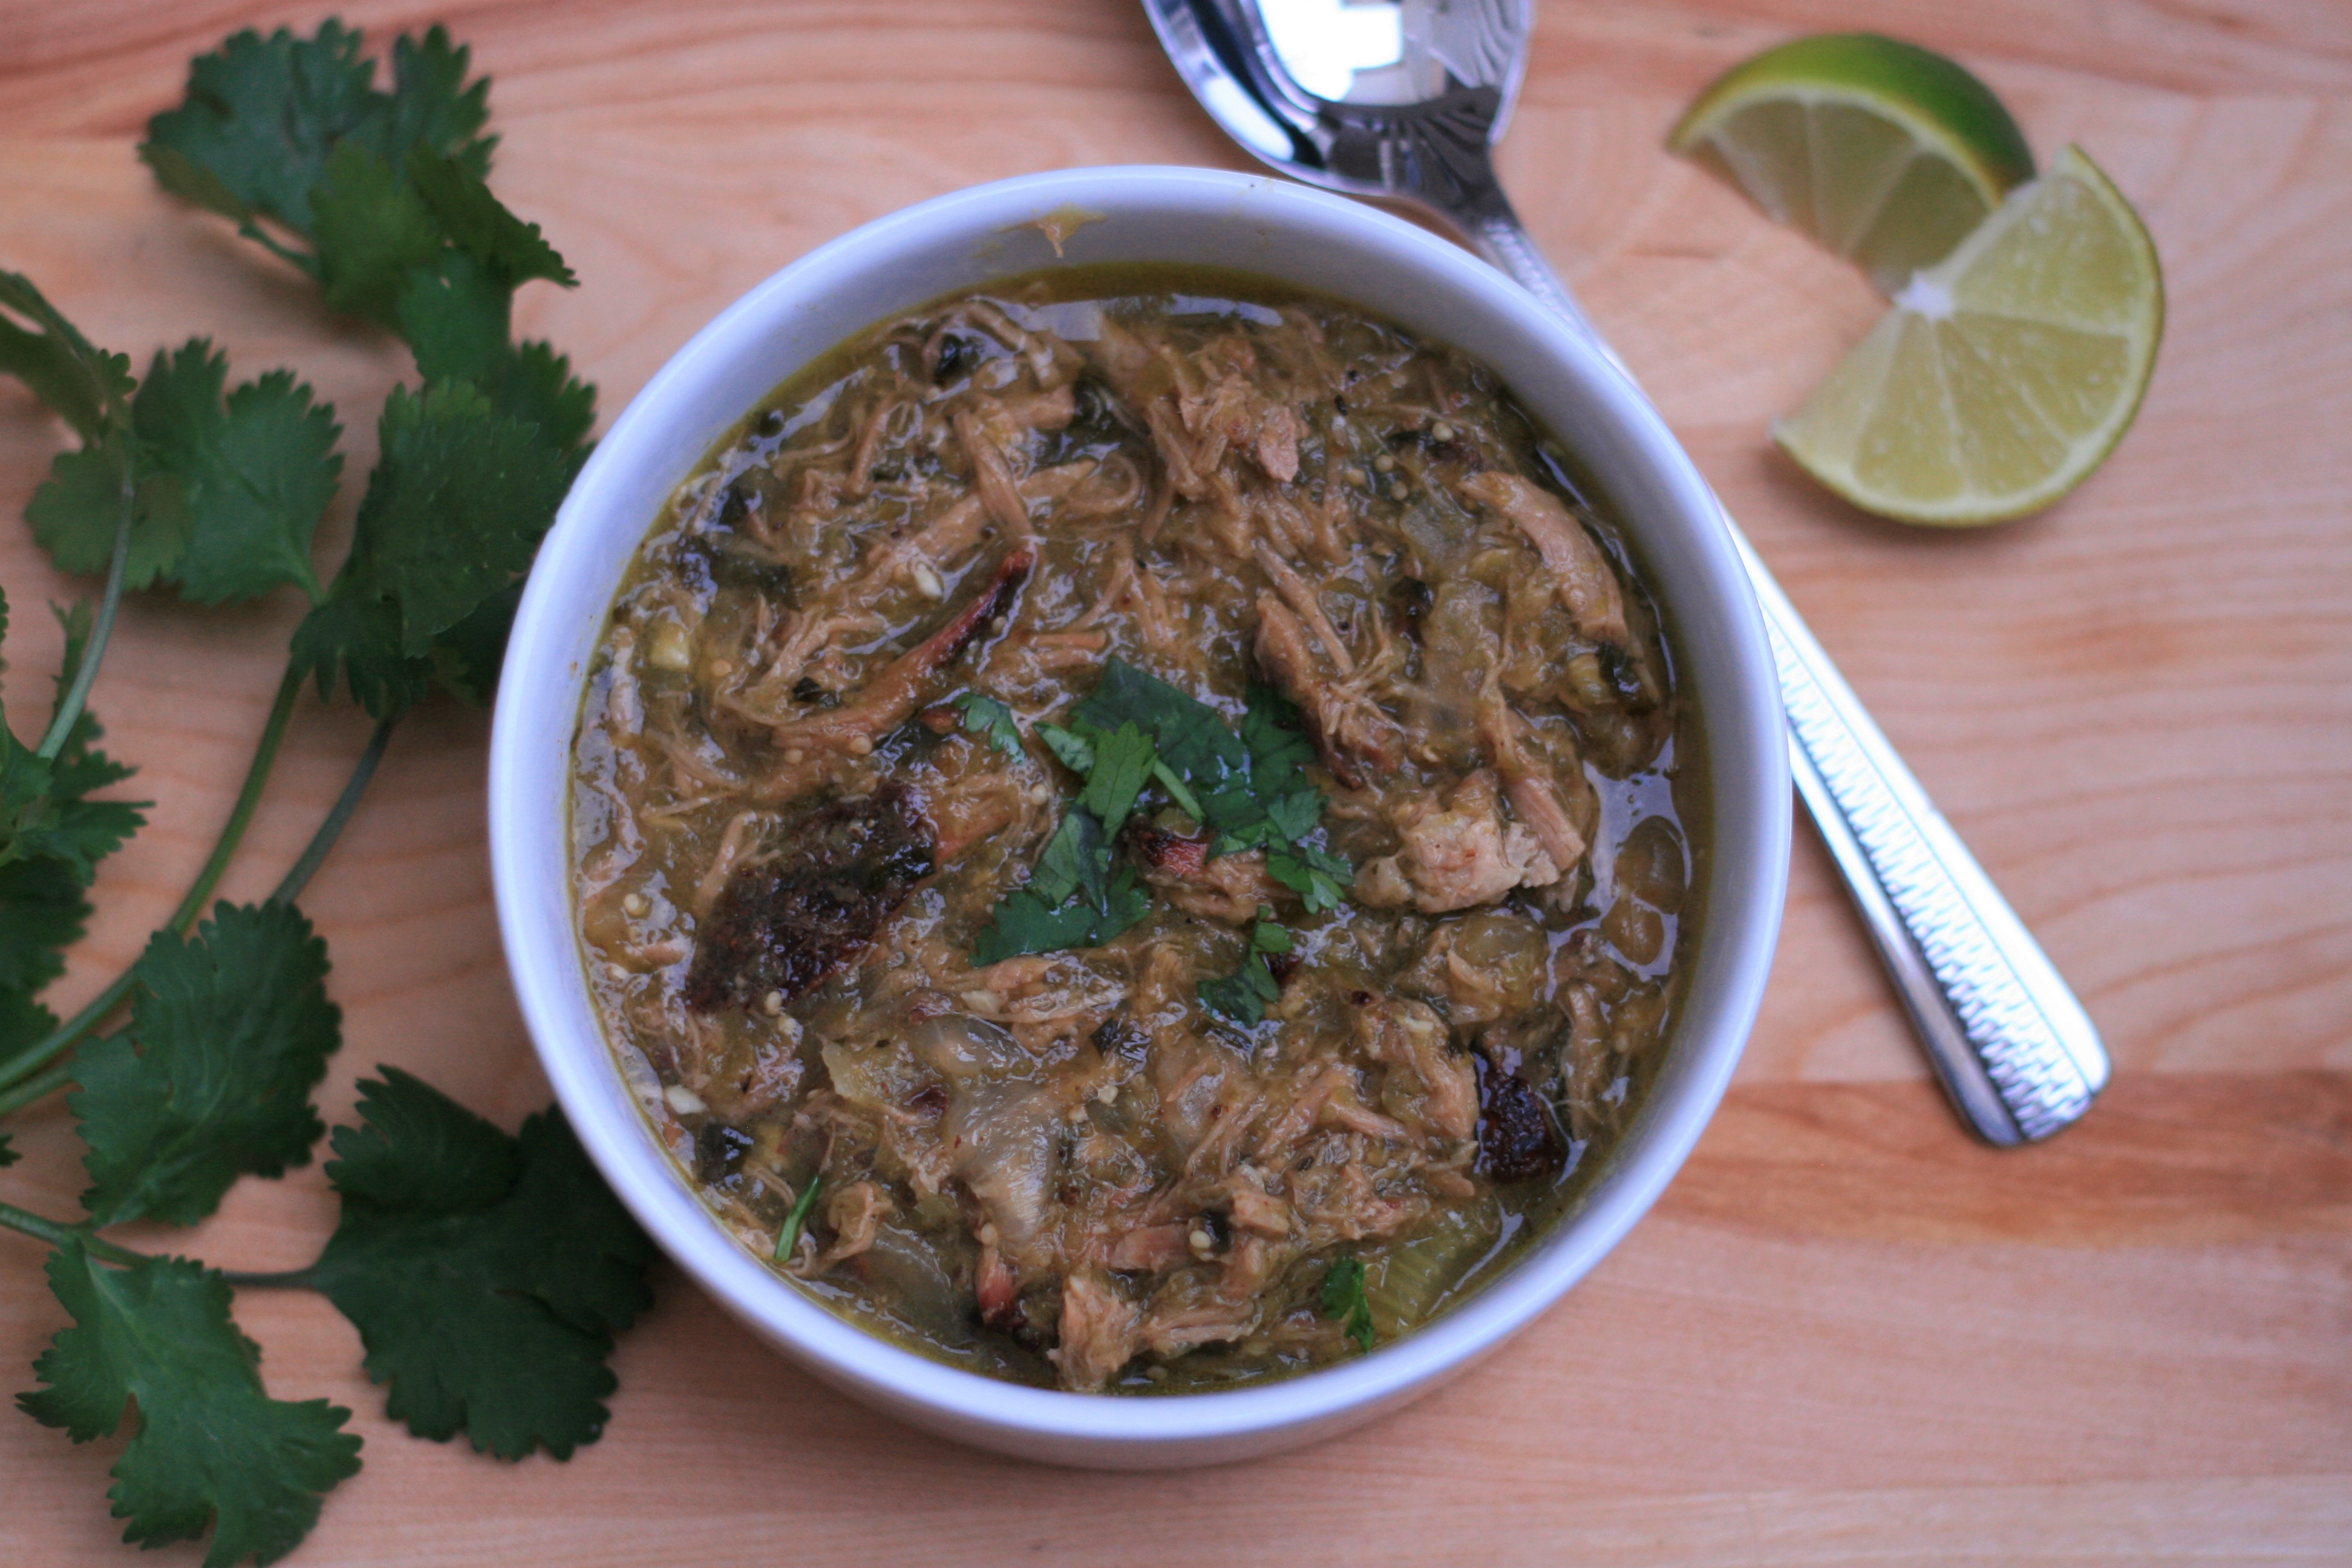 Pulled Pork Chili Verde michellew